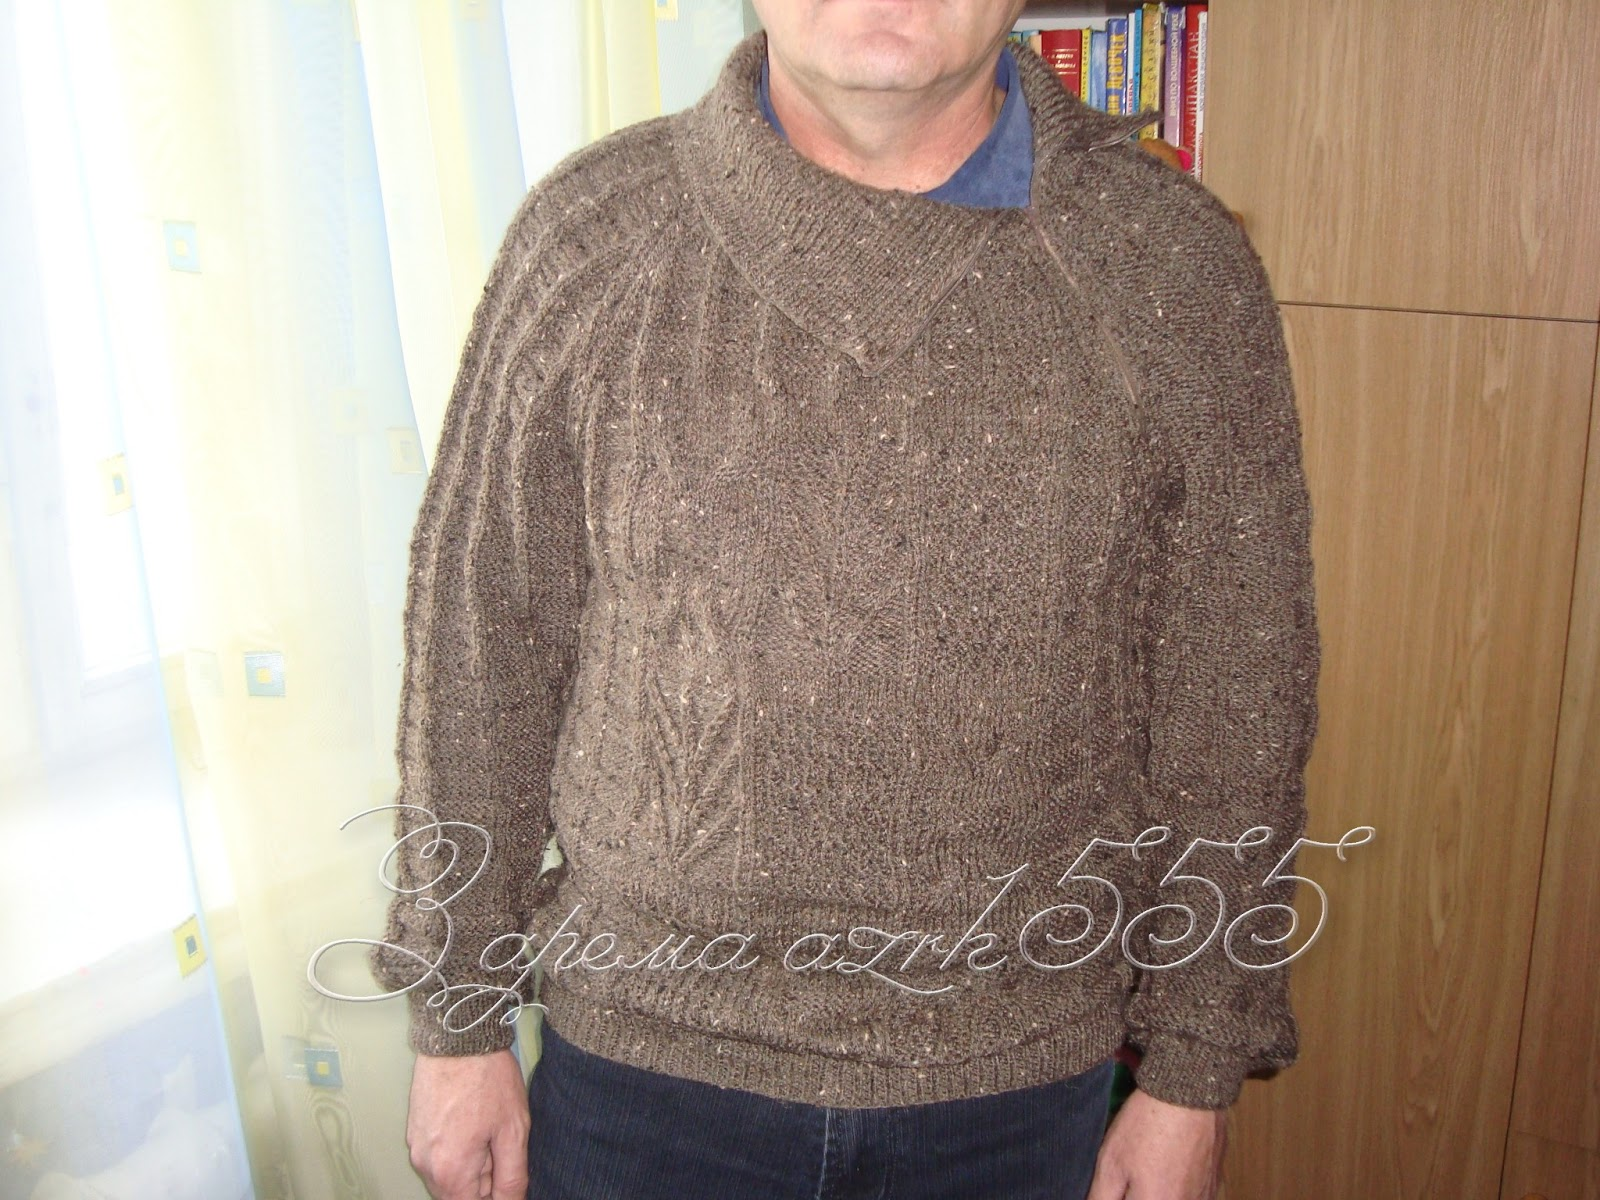 Дизайнер по вязанию - Женский блог